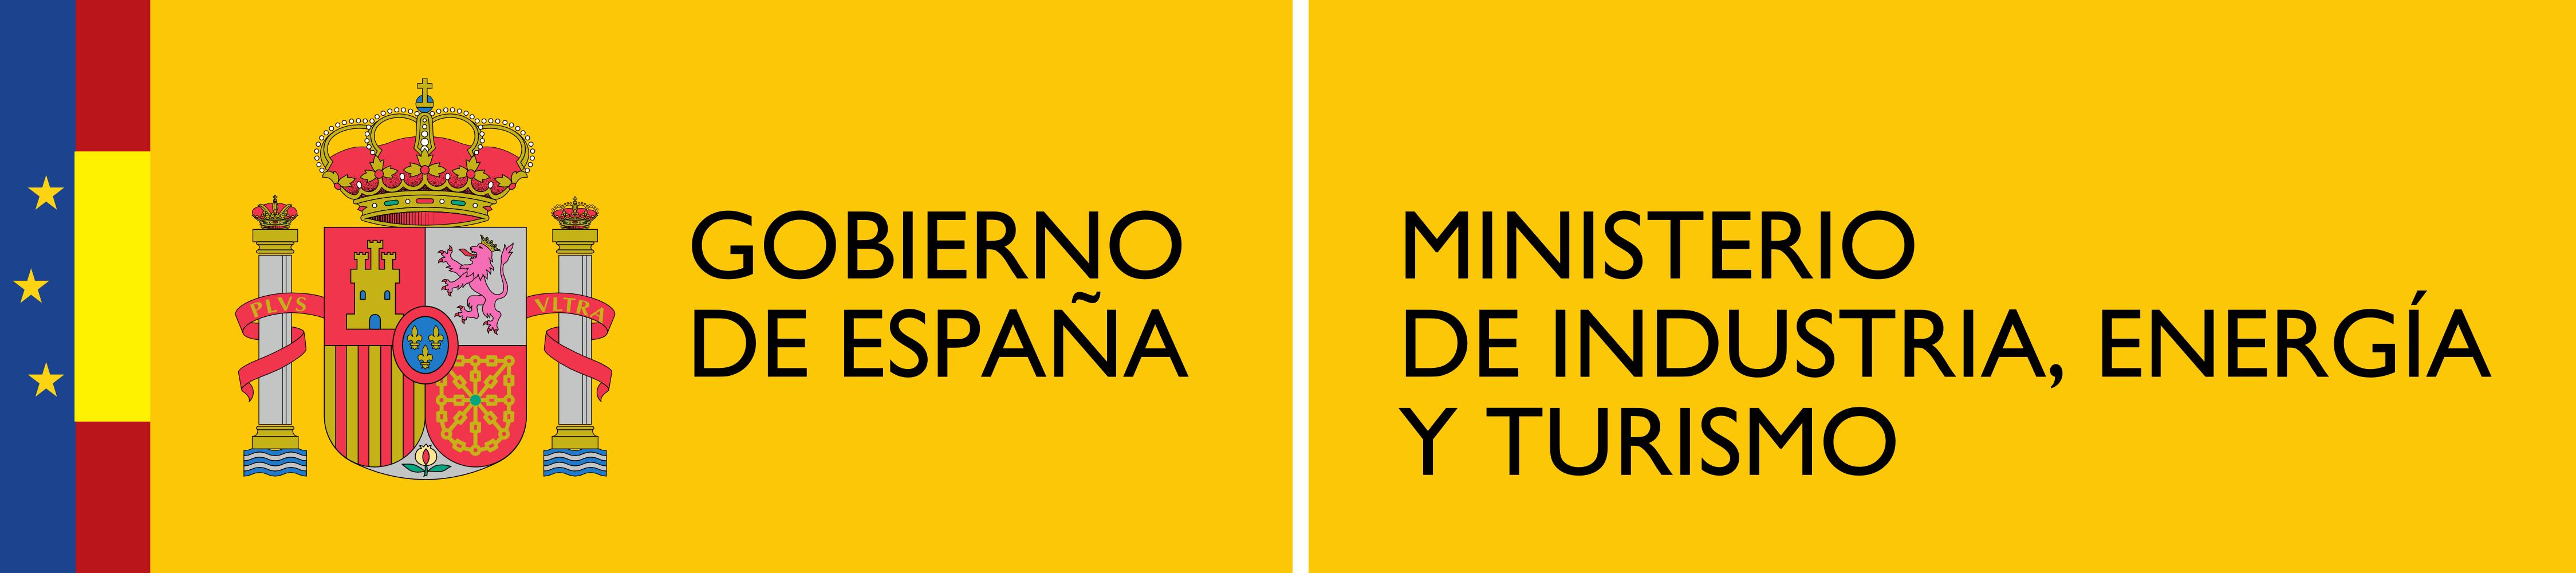 [P-006] Narvay Quintero (GPMx-CC) al Ministro del Industria, Energía y Turismo, sobre las políticas emprendidas por el Gobierno de España en materia energética y medioambiental. Logotipo_del_Ministerio_de_Industria%2C_Energ%C3%ADa_y_Turismo